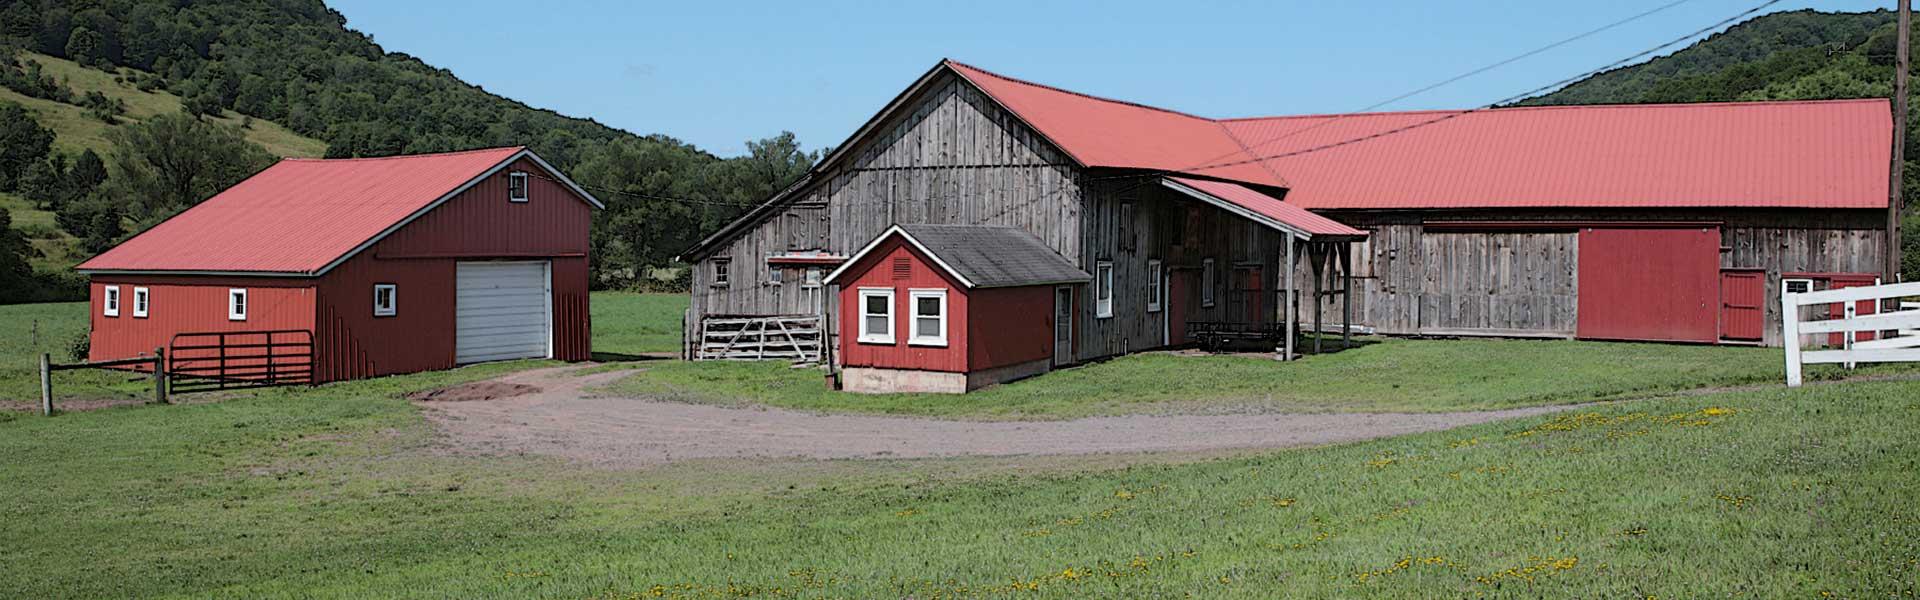 Farm Insurance in Hobart, Walton, Oneonta, Andes NY, Margaretville NY